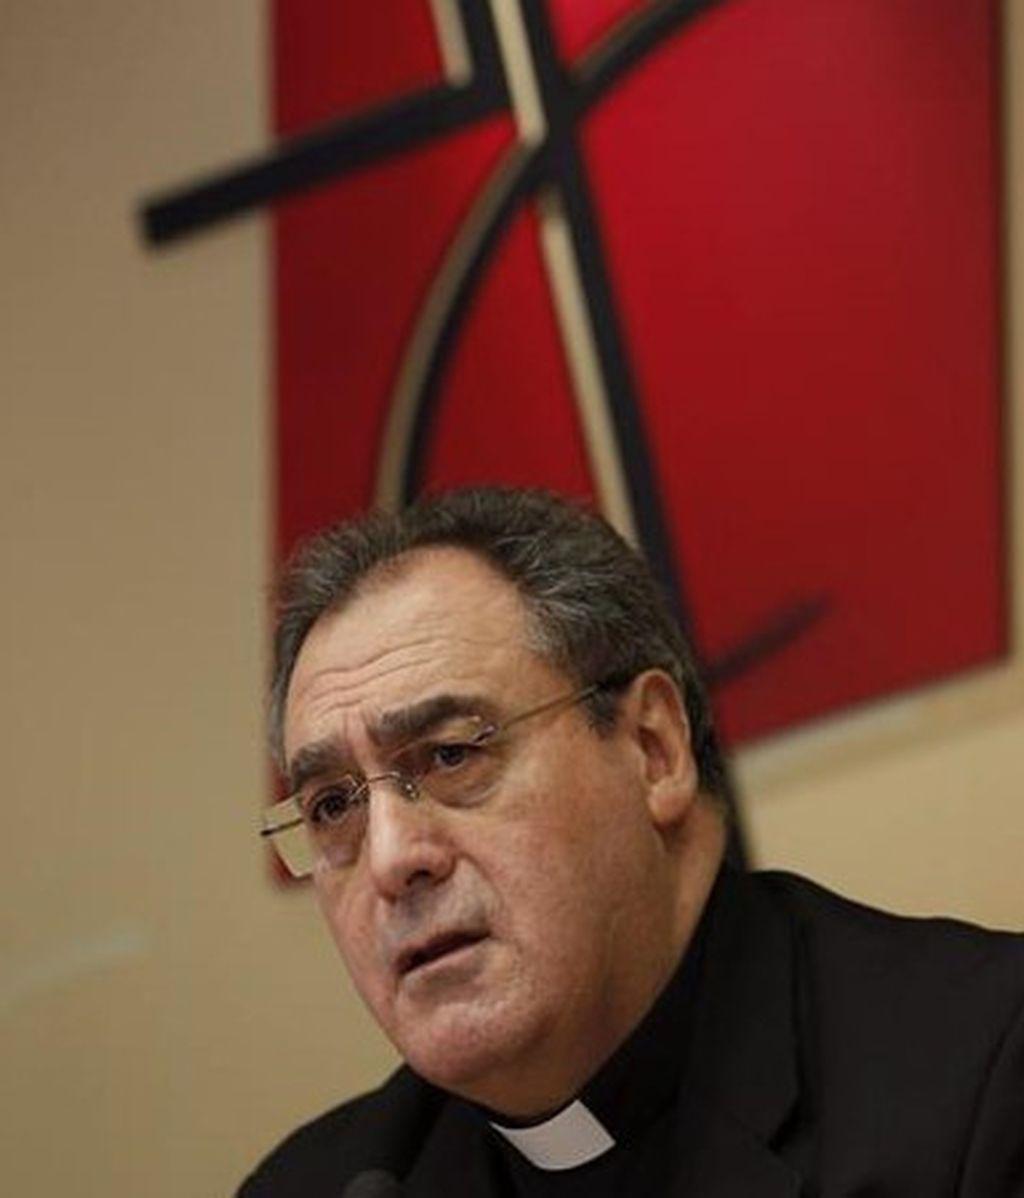 José María Gil Tamayo, secretario general y portavoz de la Conferencia Episcopal Española (CEE)